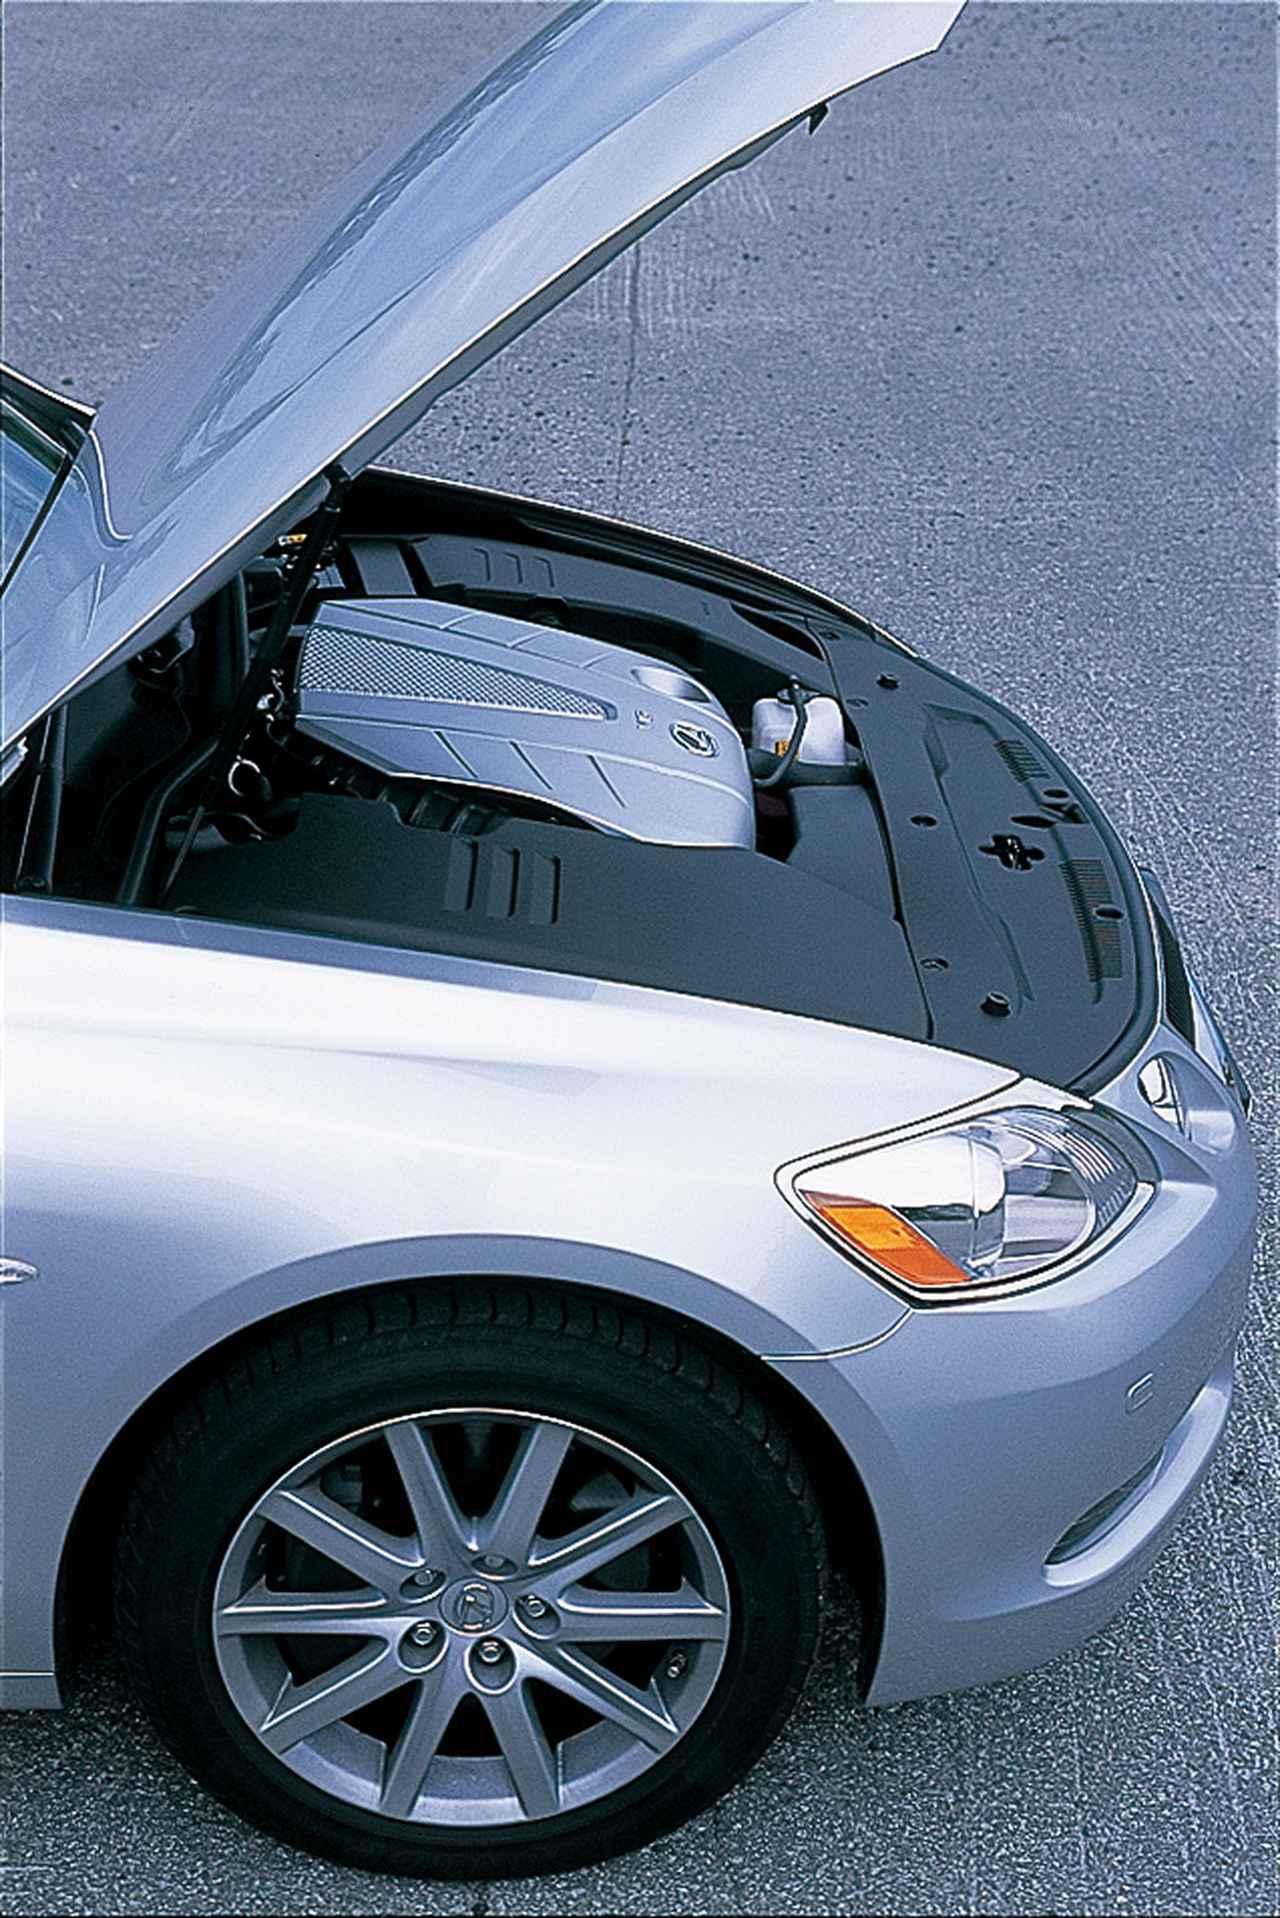 Images : 8番目の画像 - レクサスGS350 BMW530i アウディA6 3.2FSIクワトロ - Webモーターマガジン